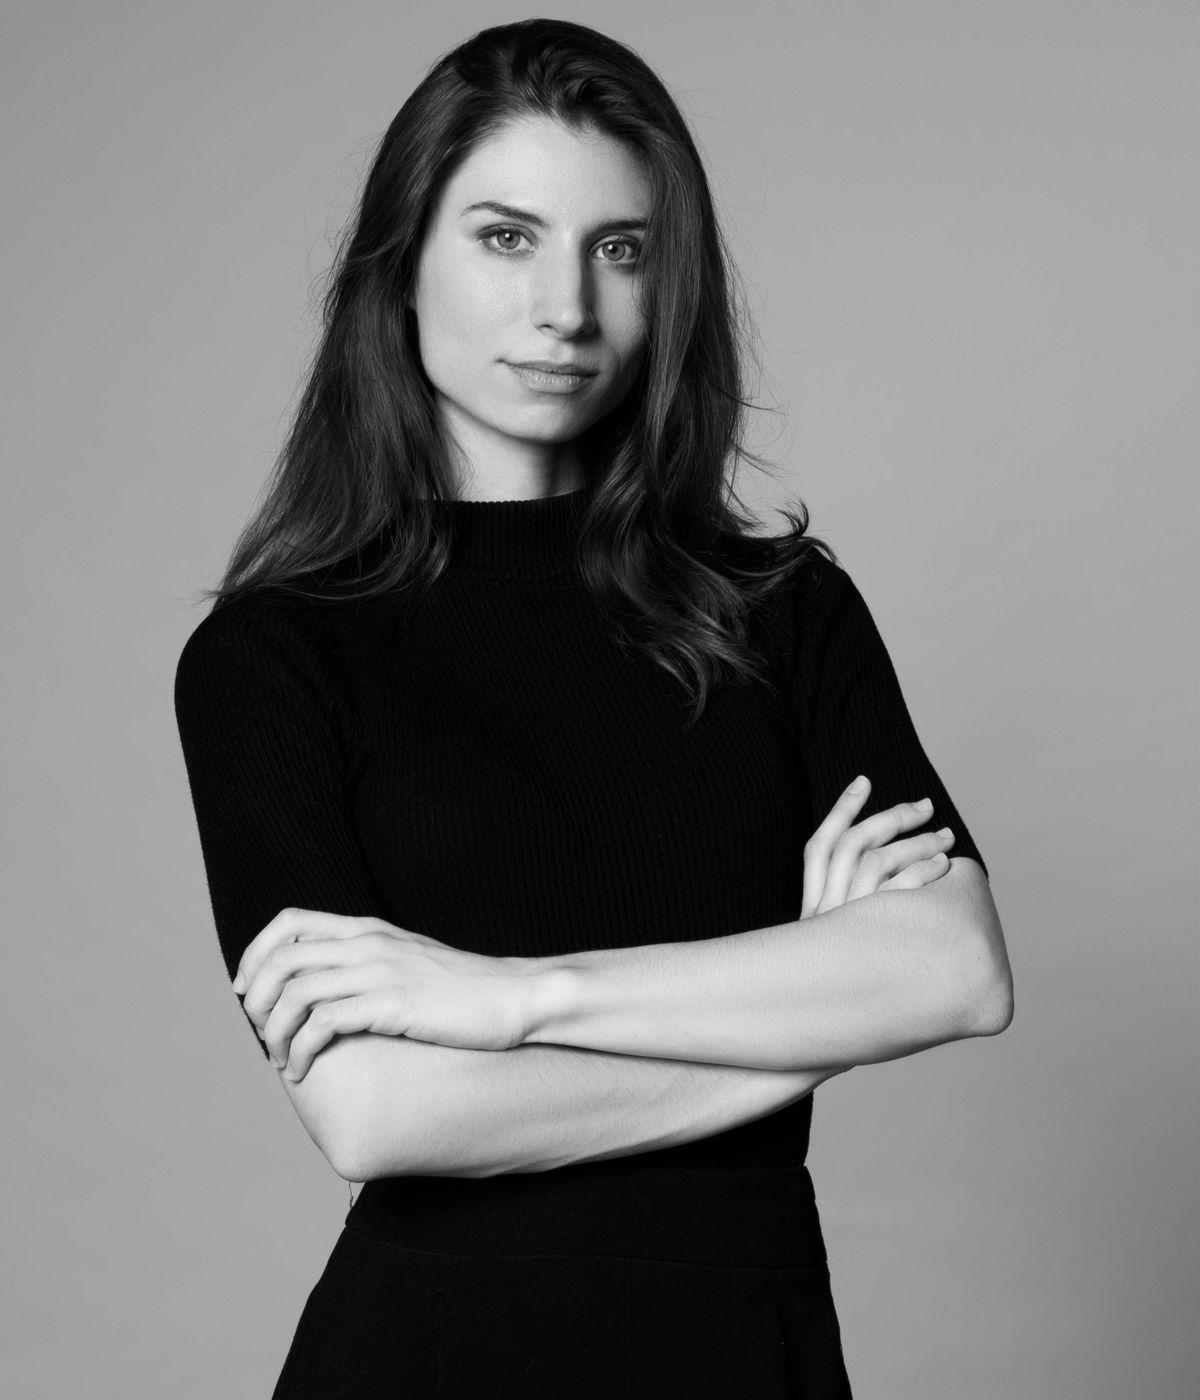 Valeria Gordienko